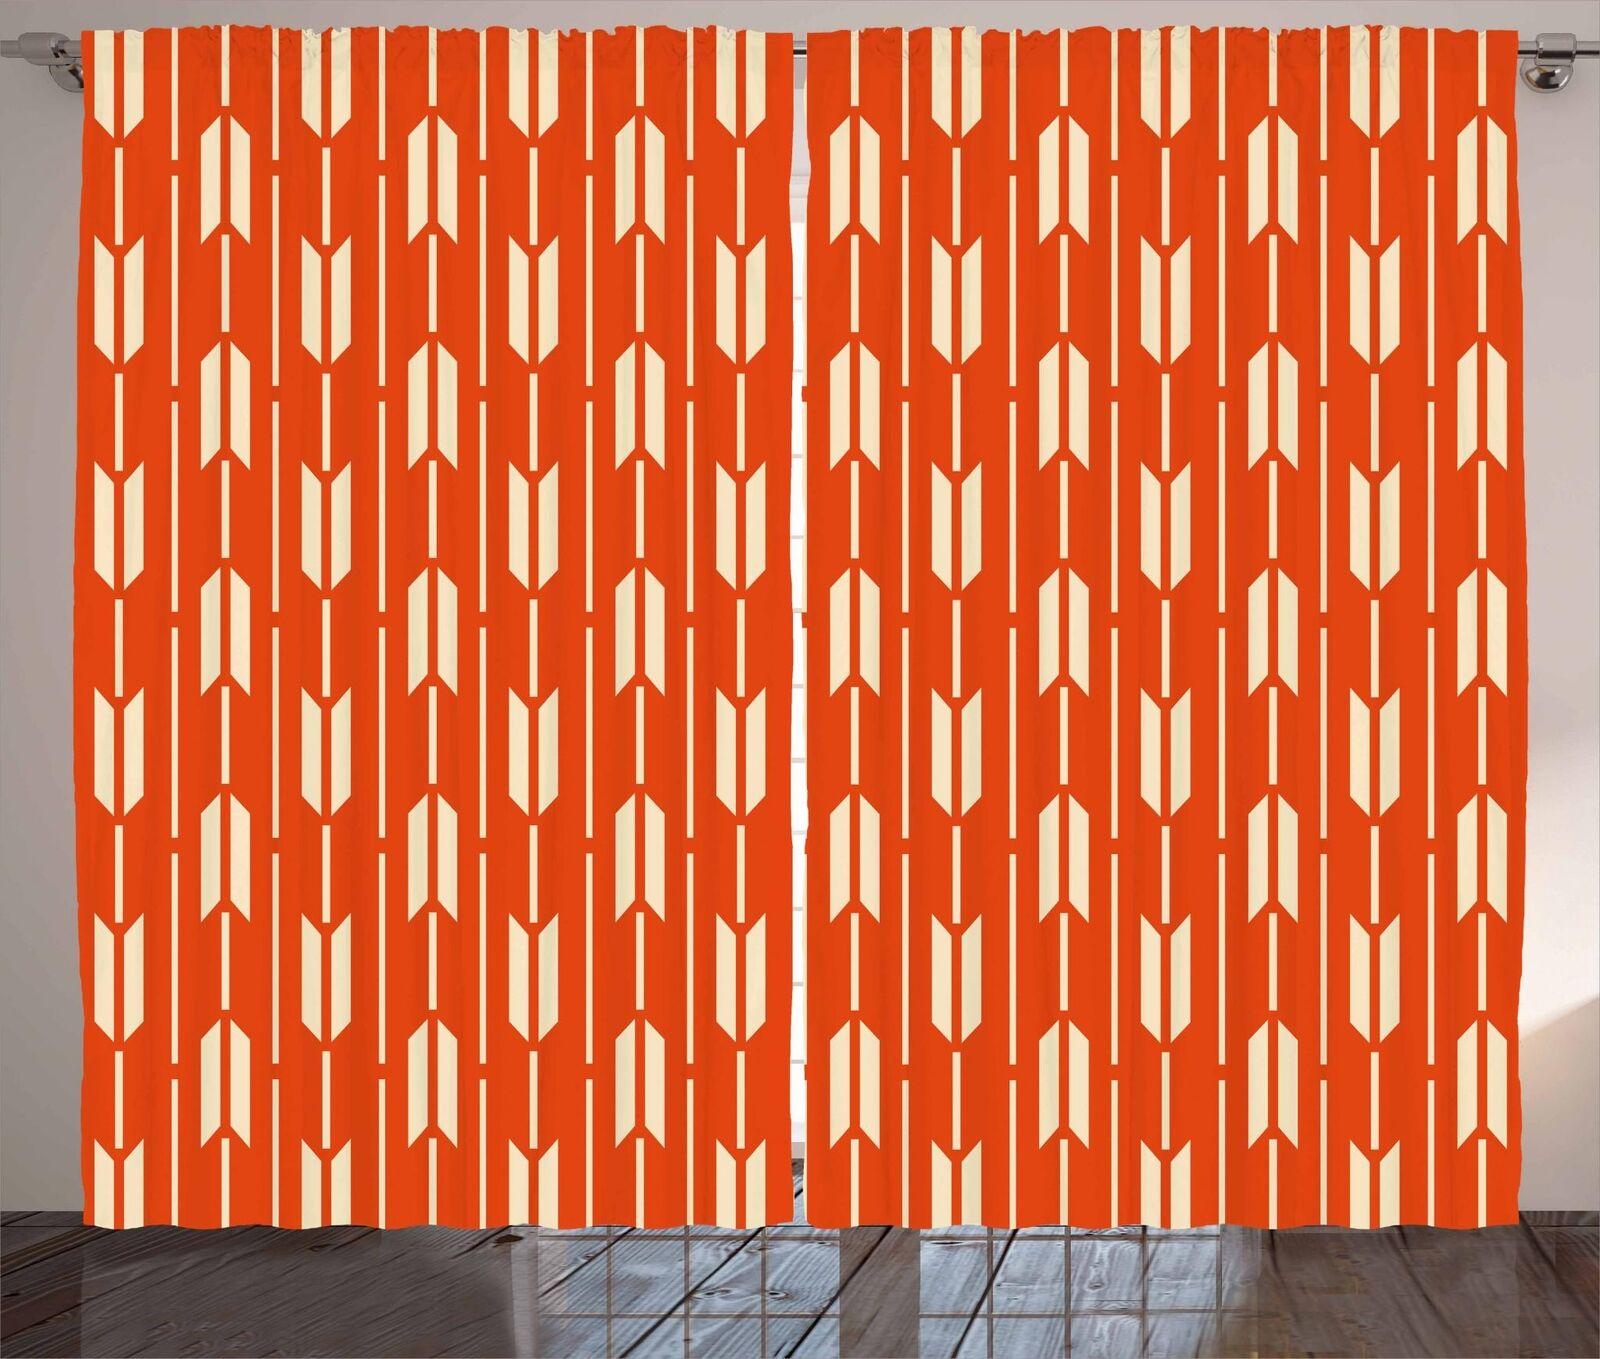 Cortinas de geometría exóticas 2 Panel Decoración conjunto 5 tamaños de ventana Cortinas